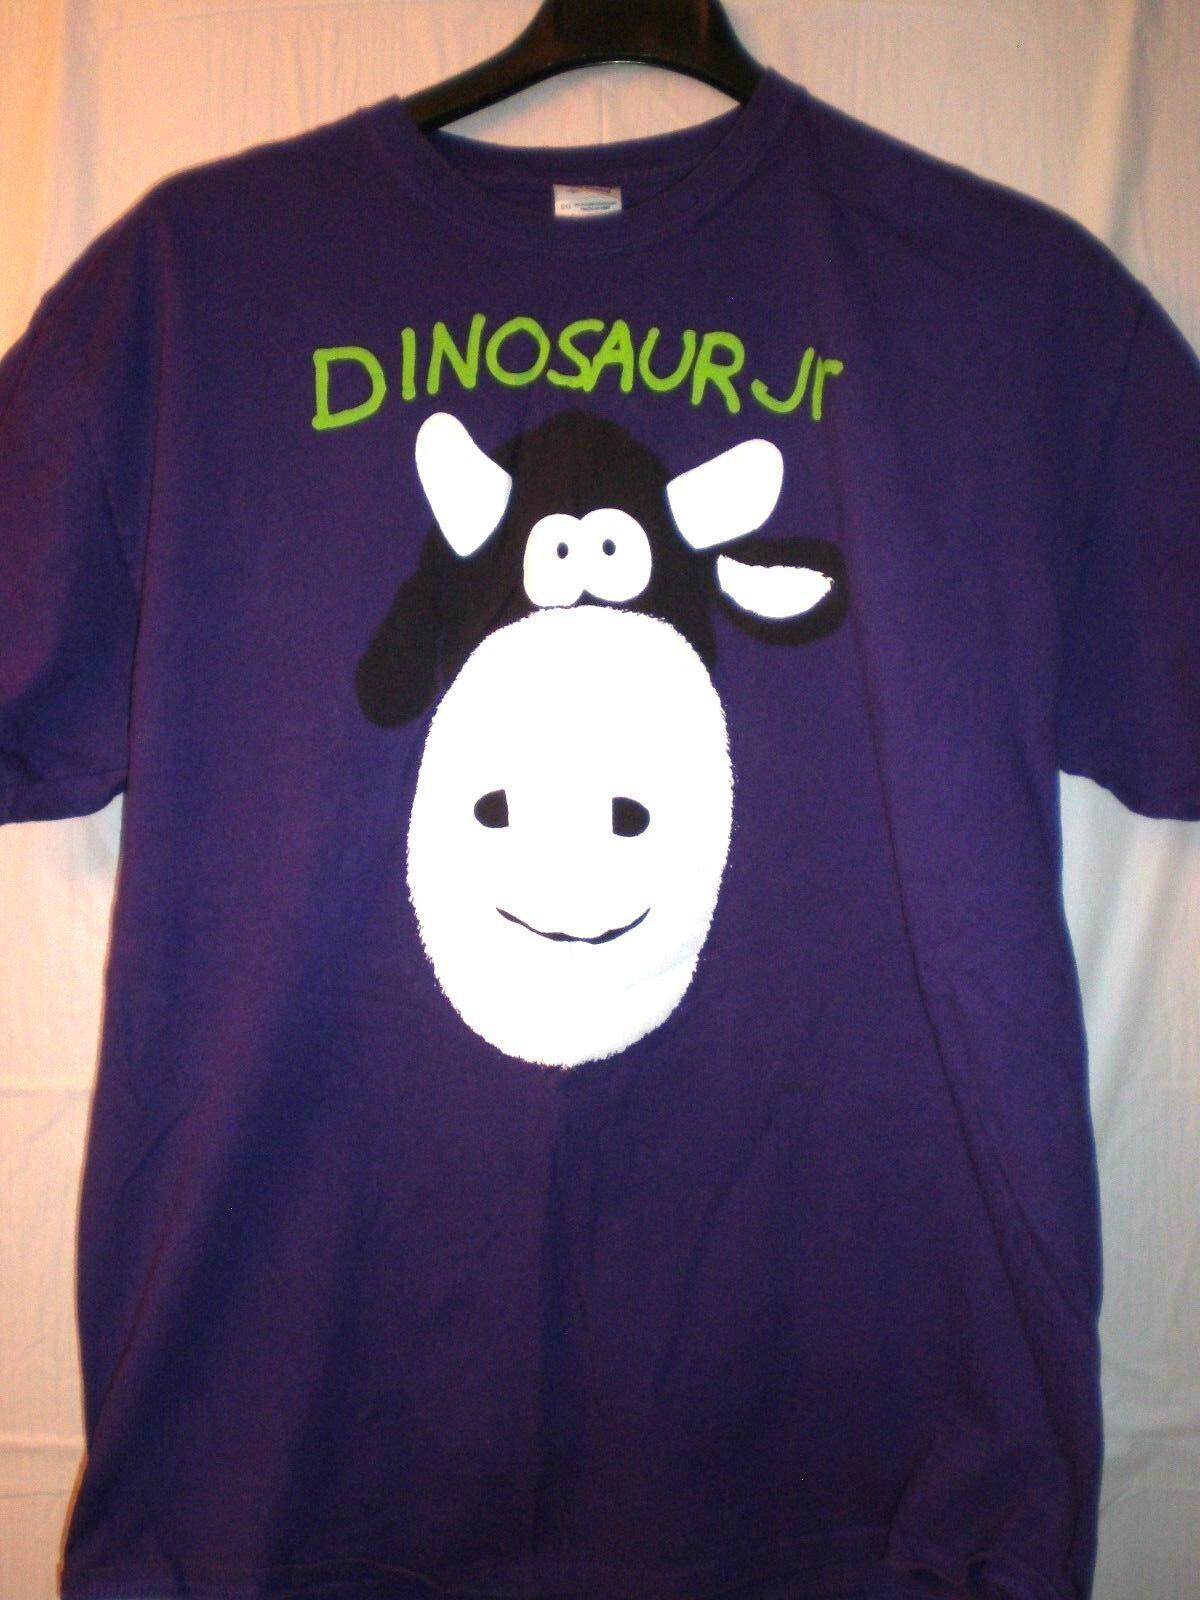 Dinosaur Jr T SHIRT XLARGE - image 1